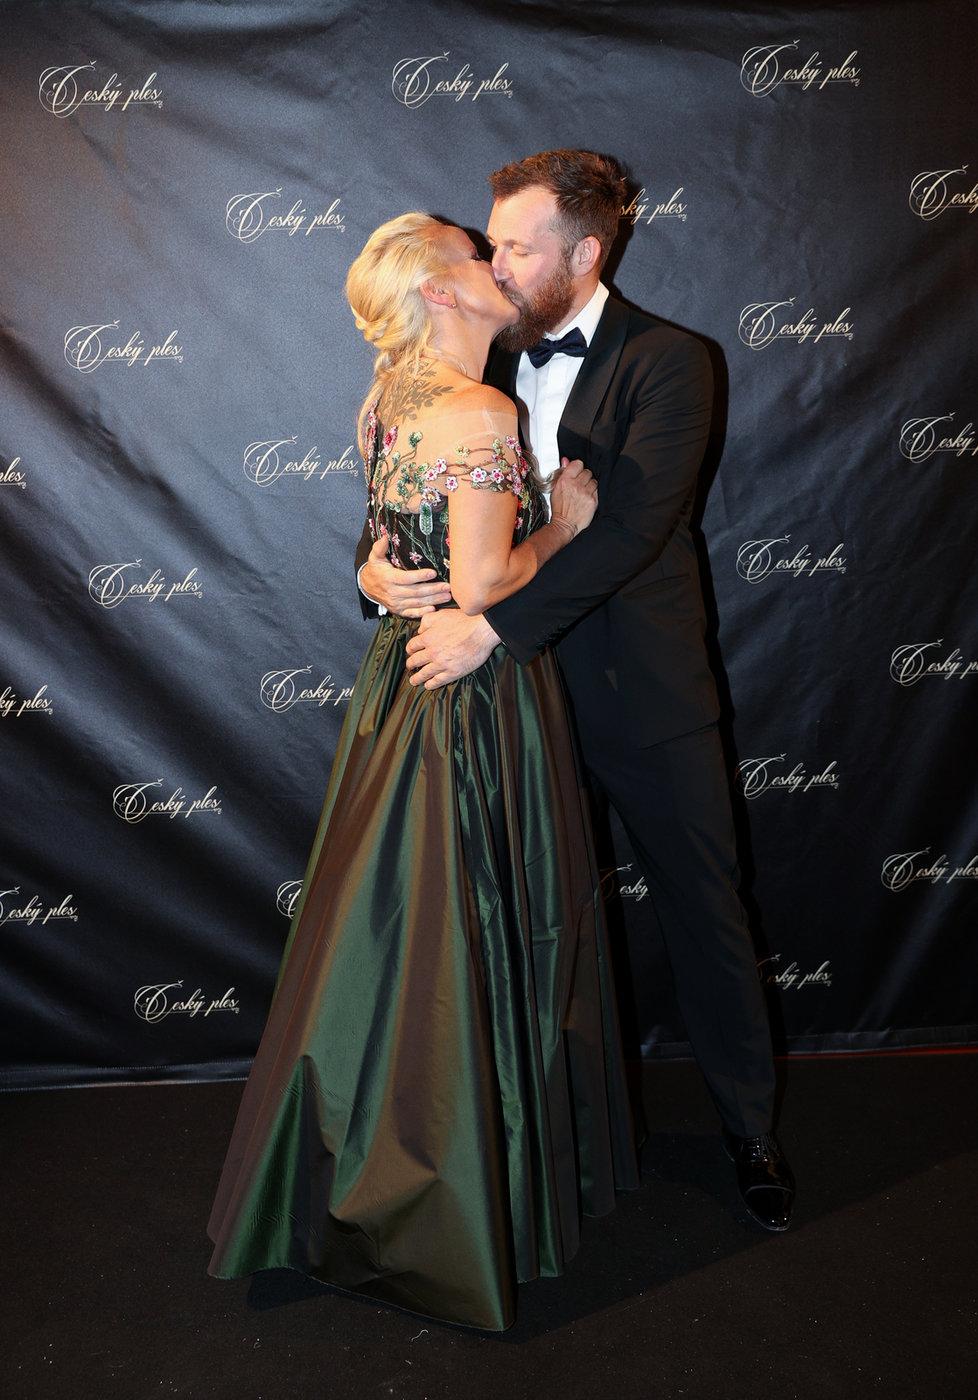 1. února - Vendula Pizingerová s manželem na Českém plese